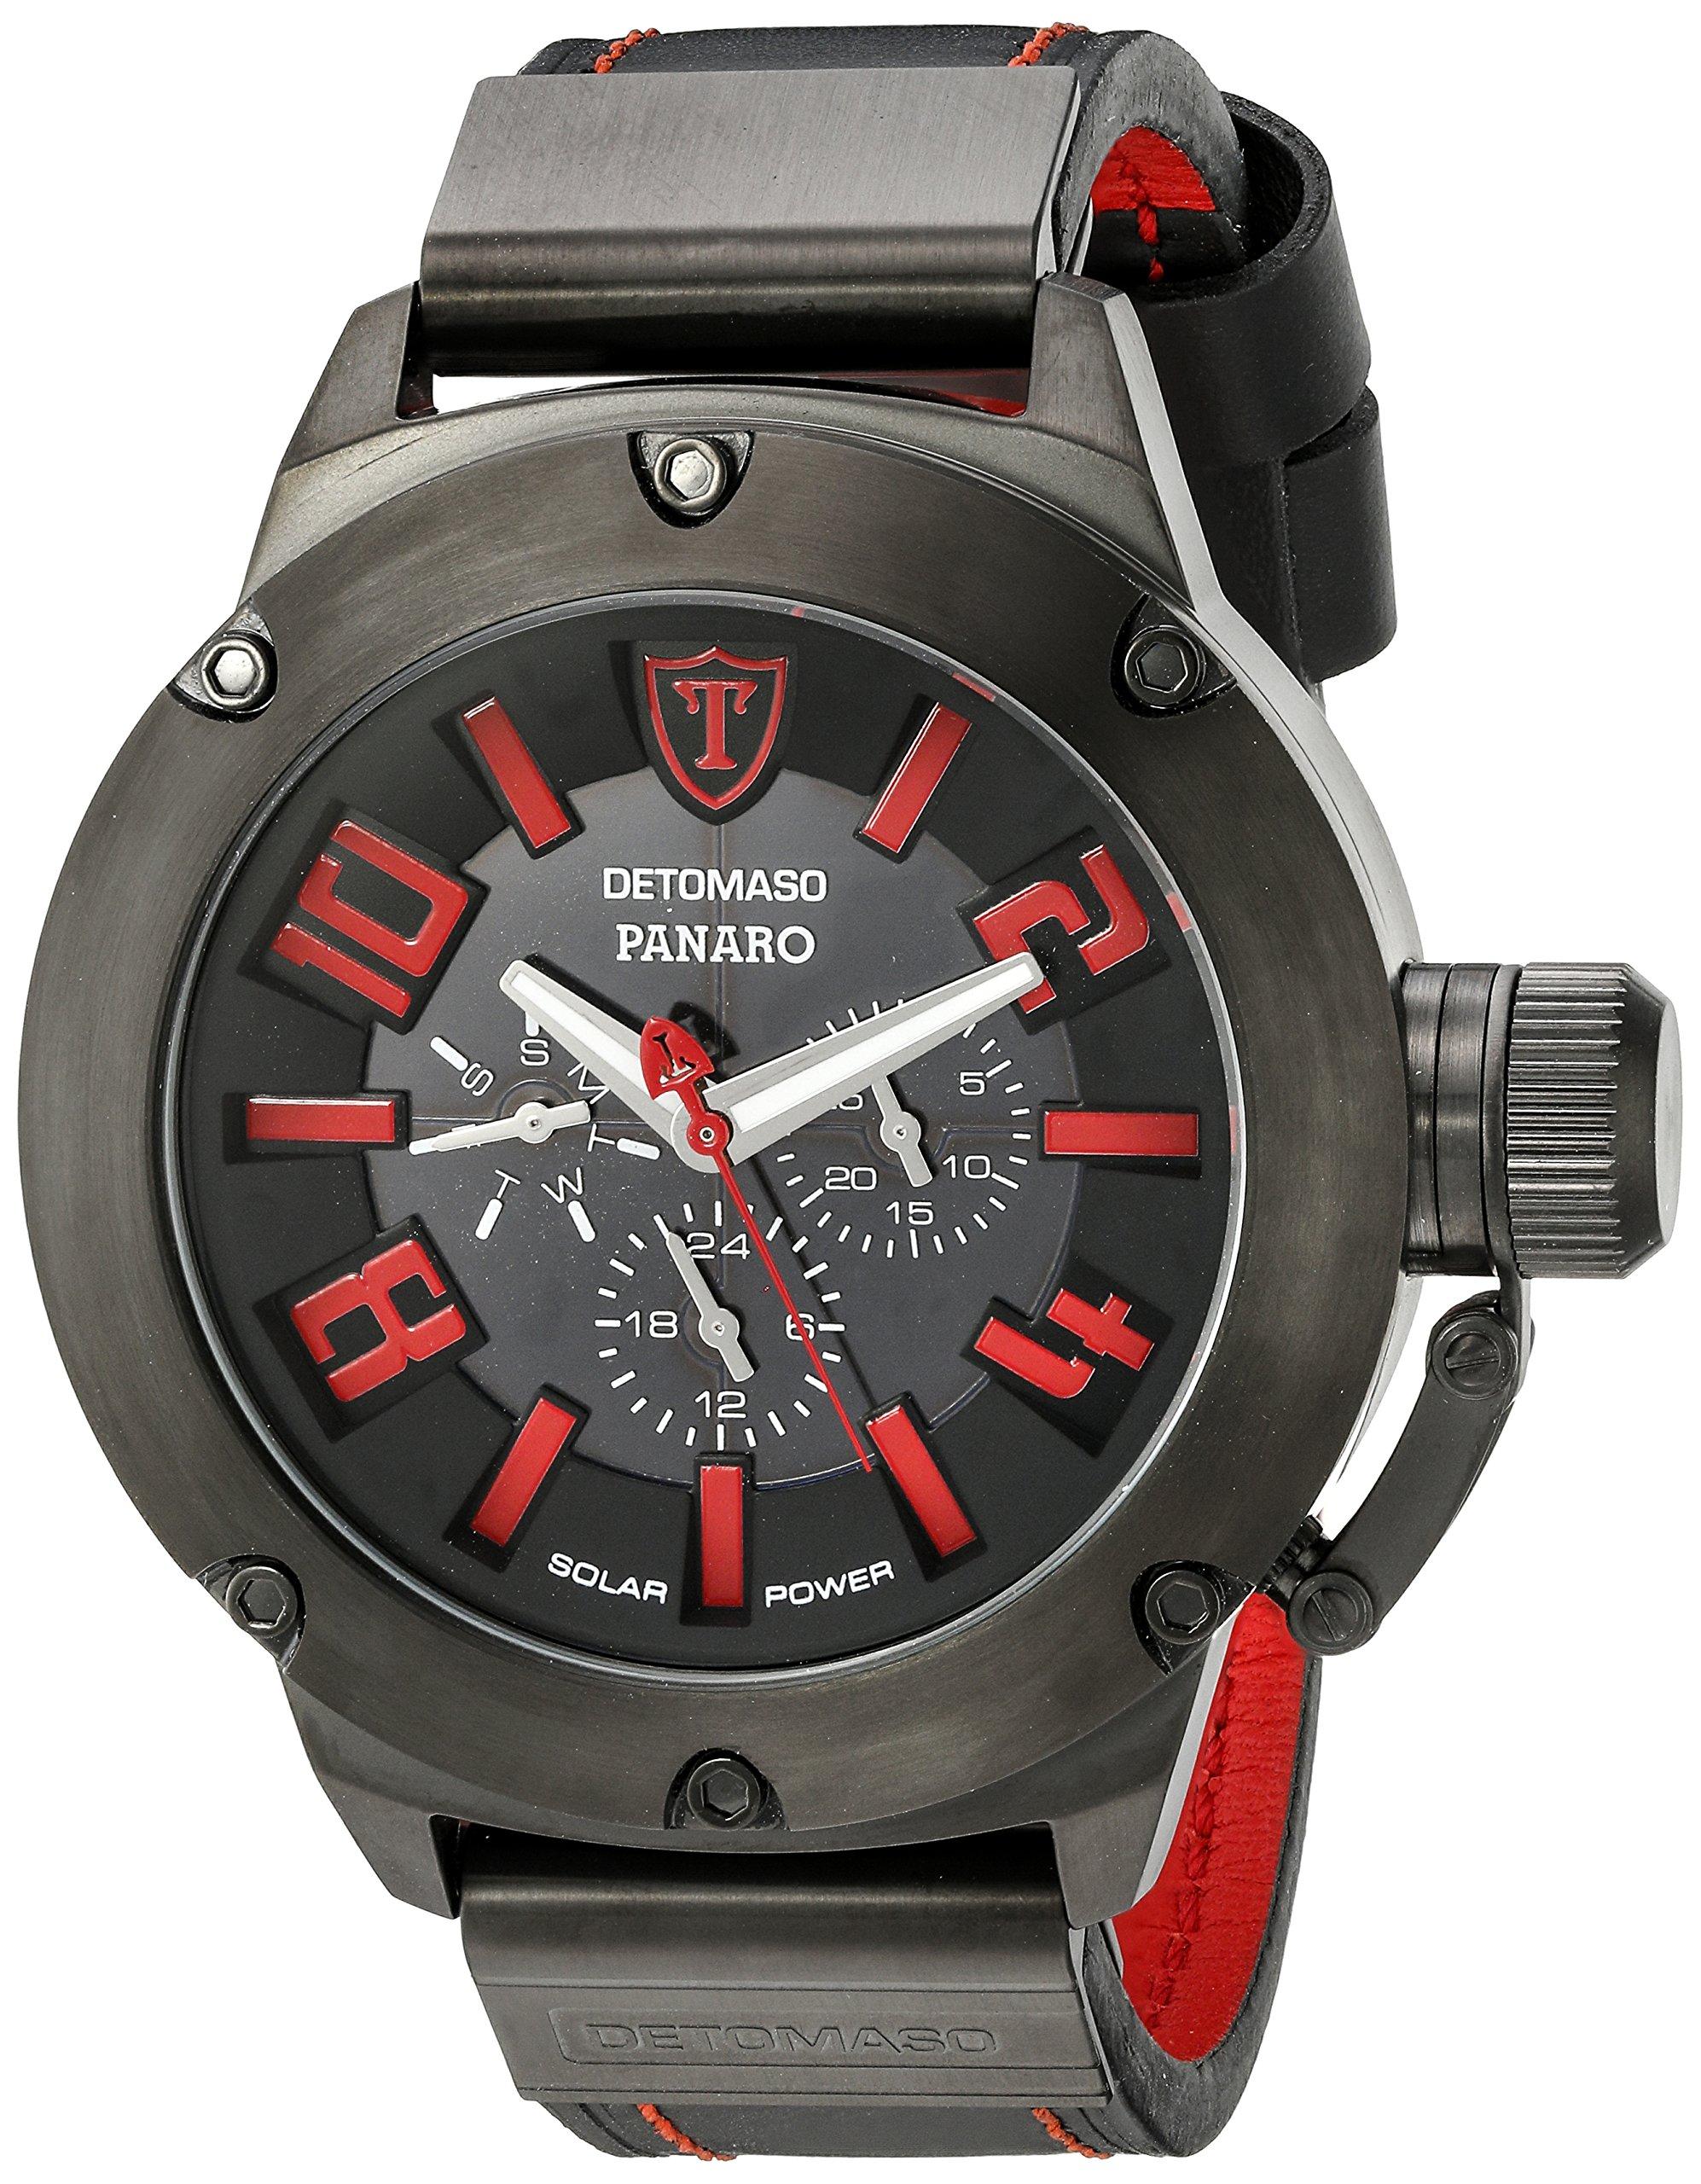 Detomaso Panaro XXL Solar – Reloj de cuarzo para hombres, con correa de cuero de color negro, esfera negro